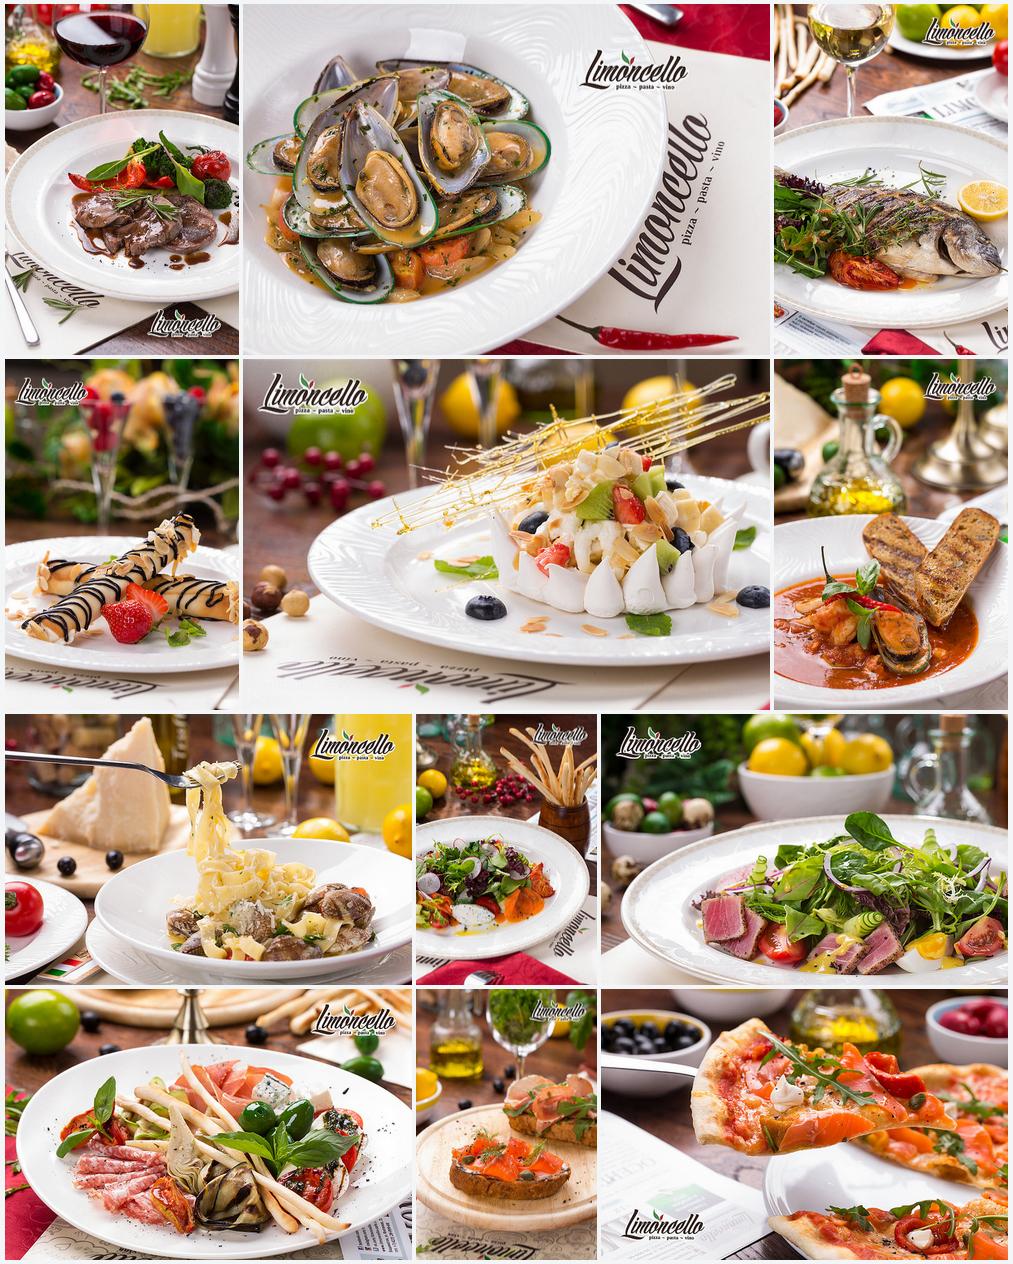 Фотографии меню для ресторана итальянской кухни Limoncello (Владивосток)